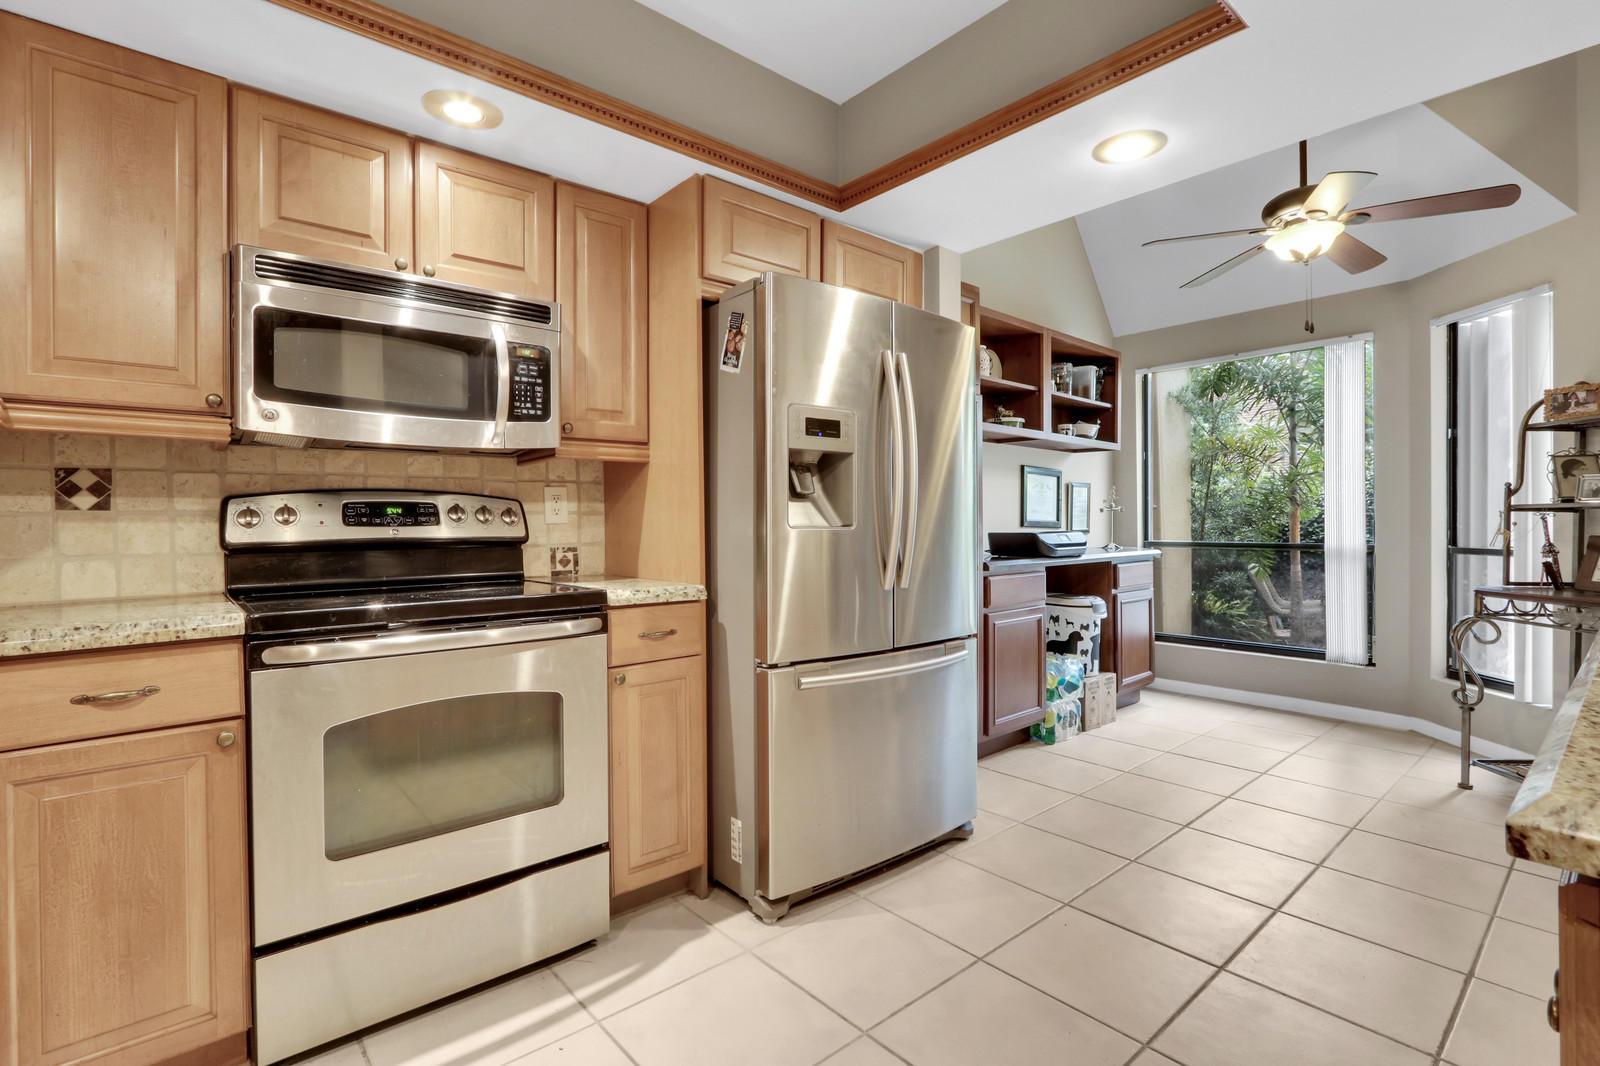 1400 9 Avenue, Boca Raton, Florida 33486, 3 Bedrooms Bedrooms, ,2 BathroomsBathrooms,Residential,For Sale,9,RX-10588540